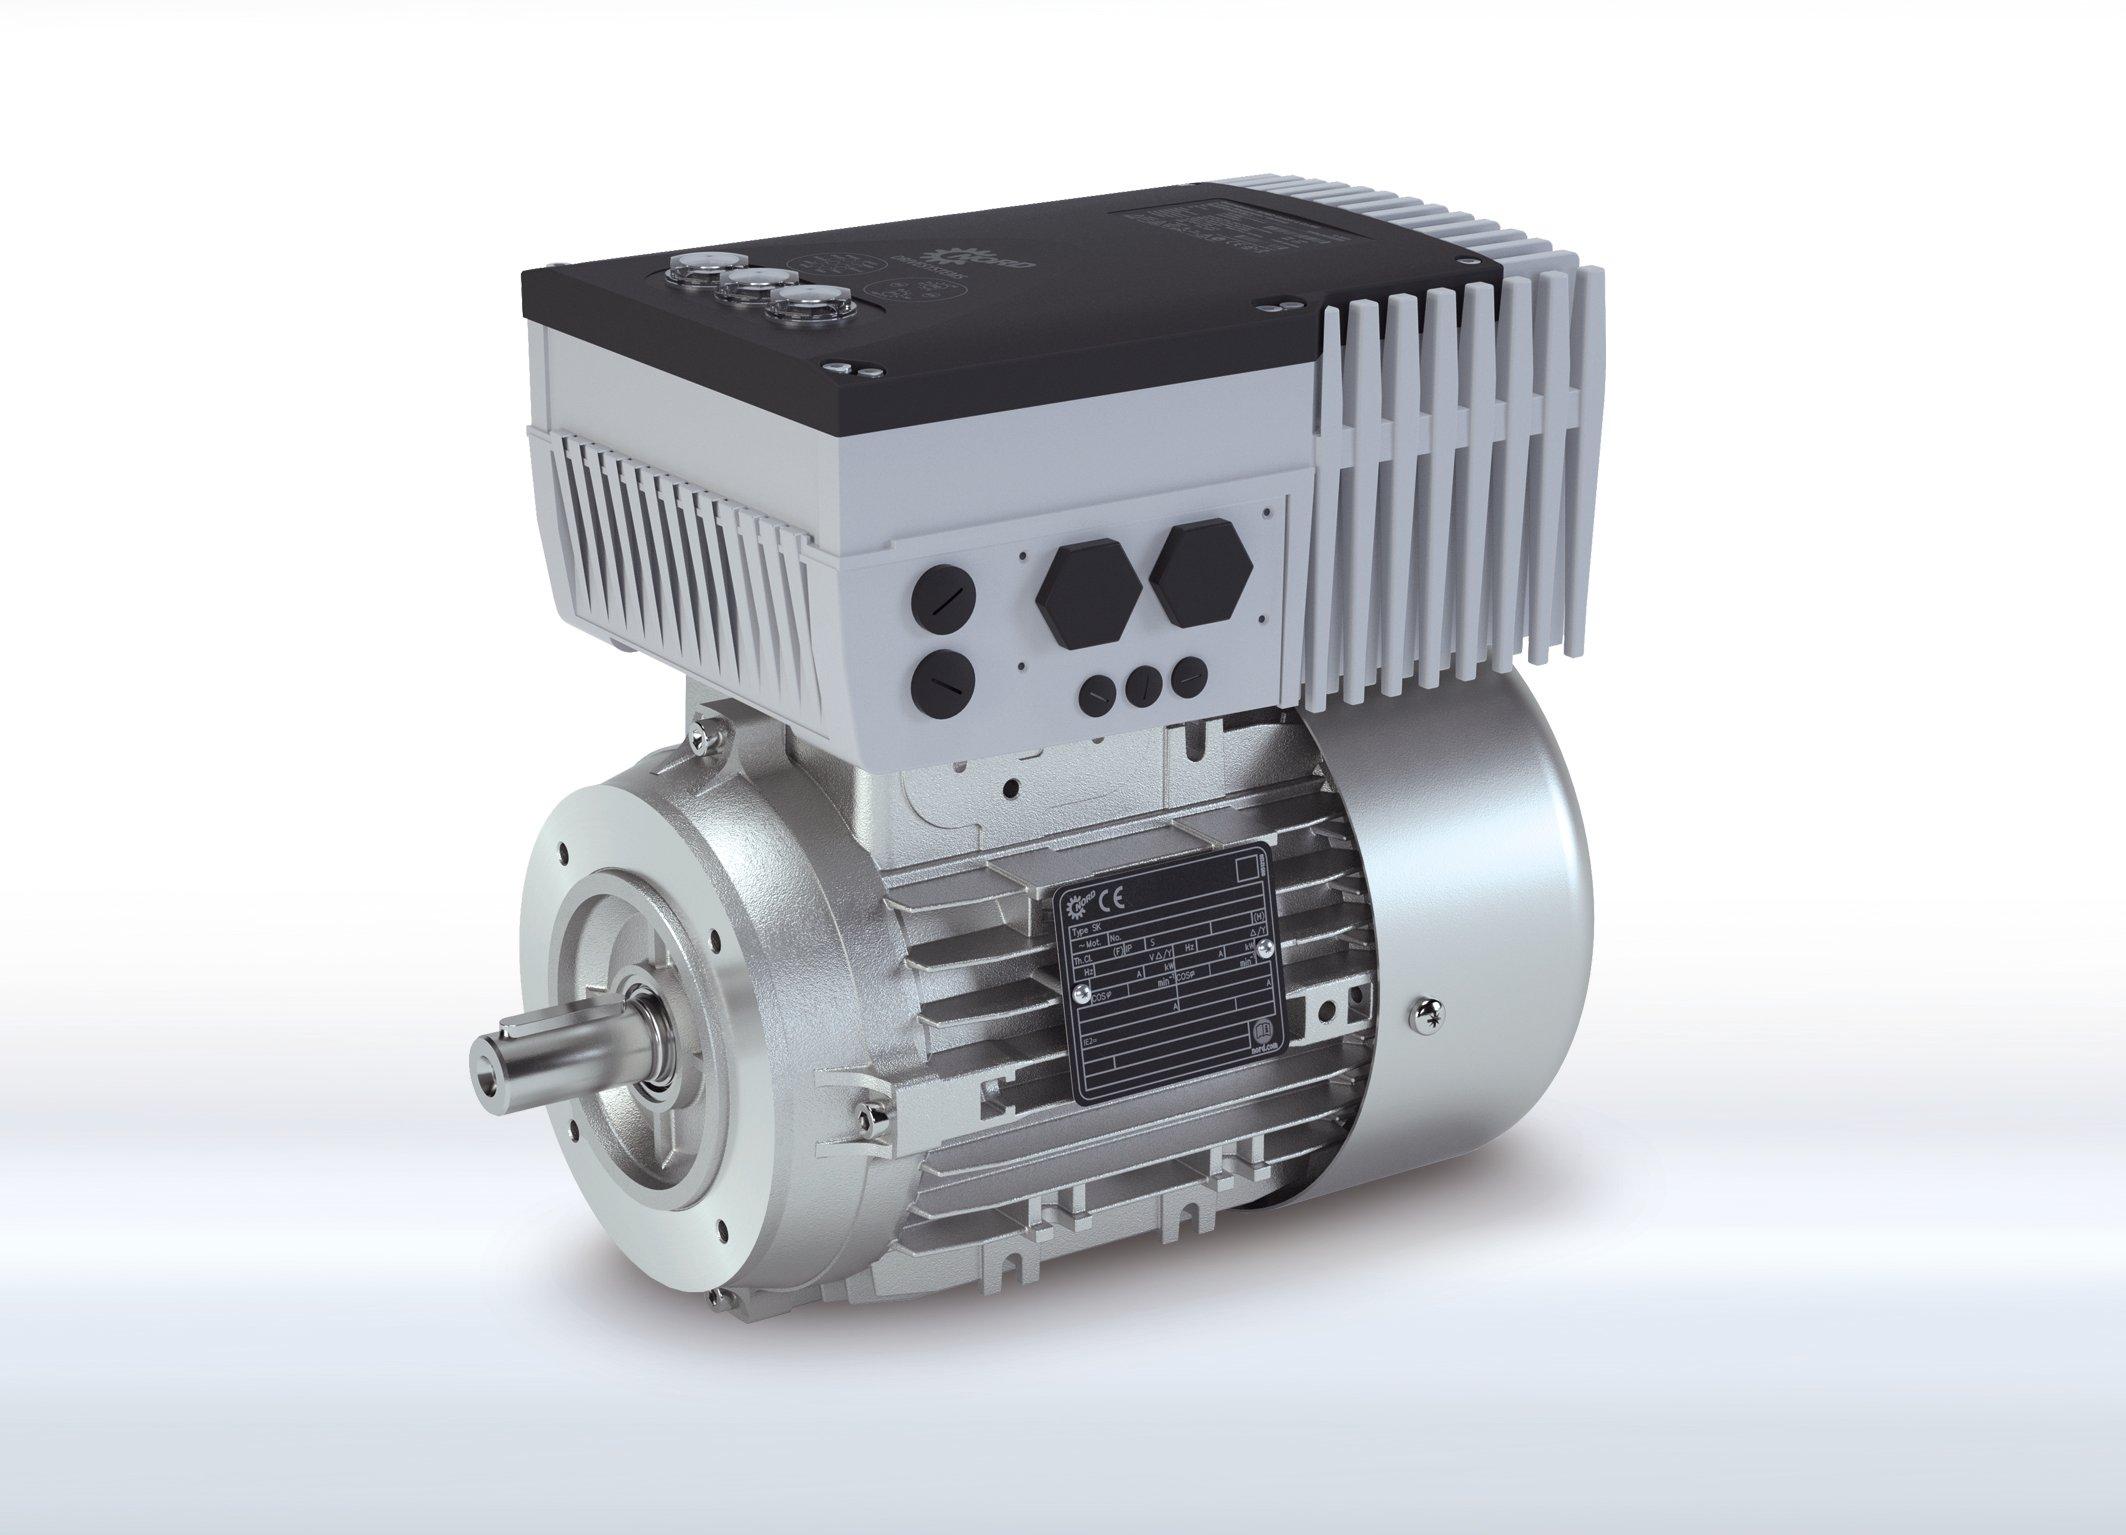 NORD_IE4-Energiesparmotor